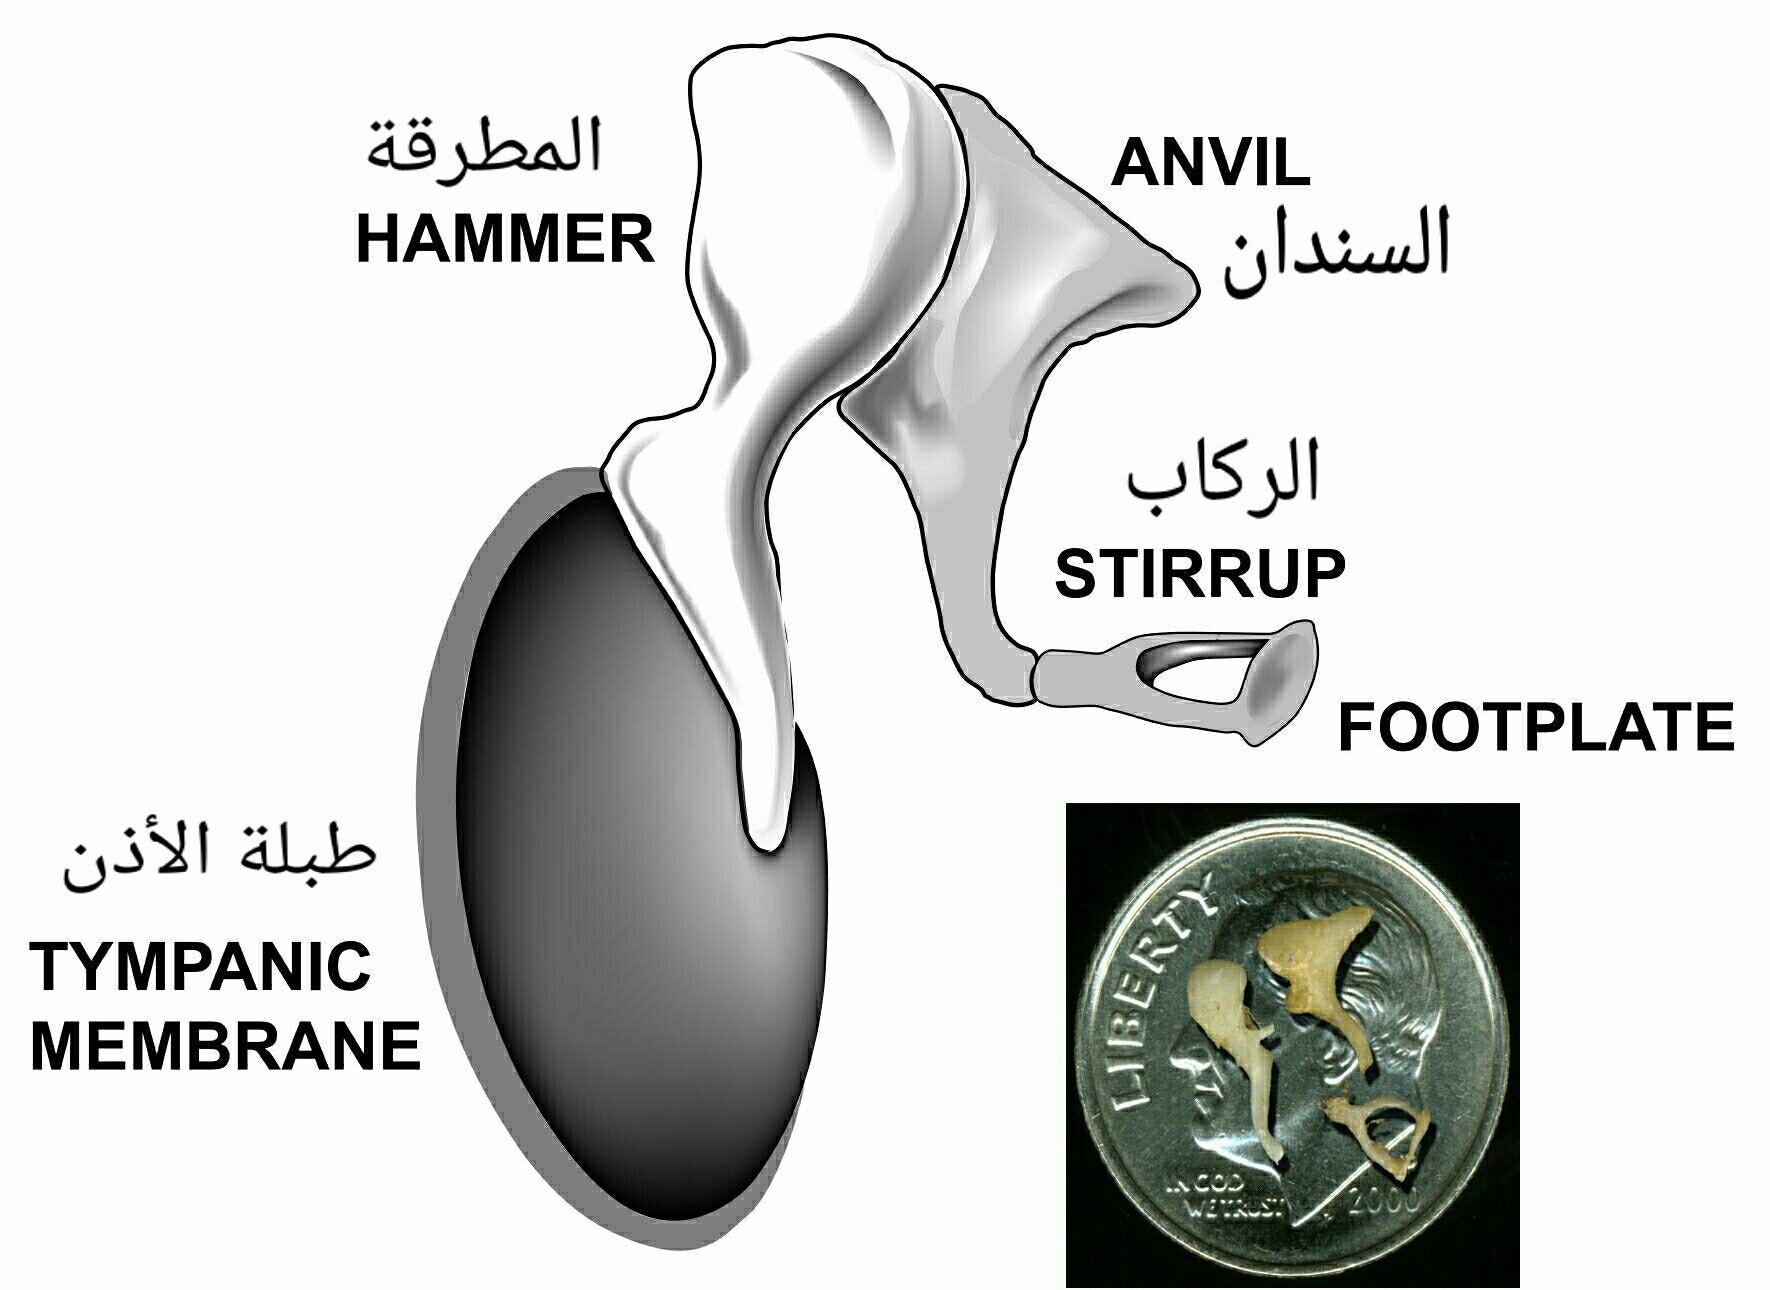 ع ظام الأ ذن الوسطى المطرقة Hammer السندان Anvil الر كاب Stirrup Spoon Rest Membrane Stirrups